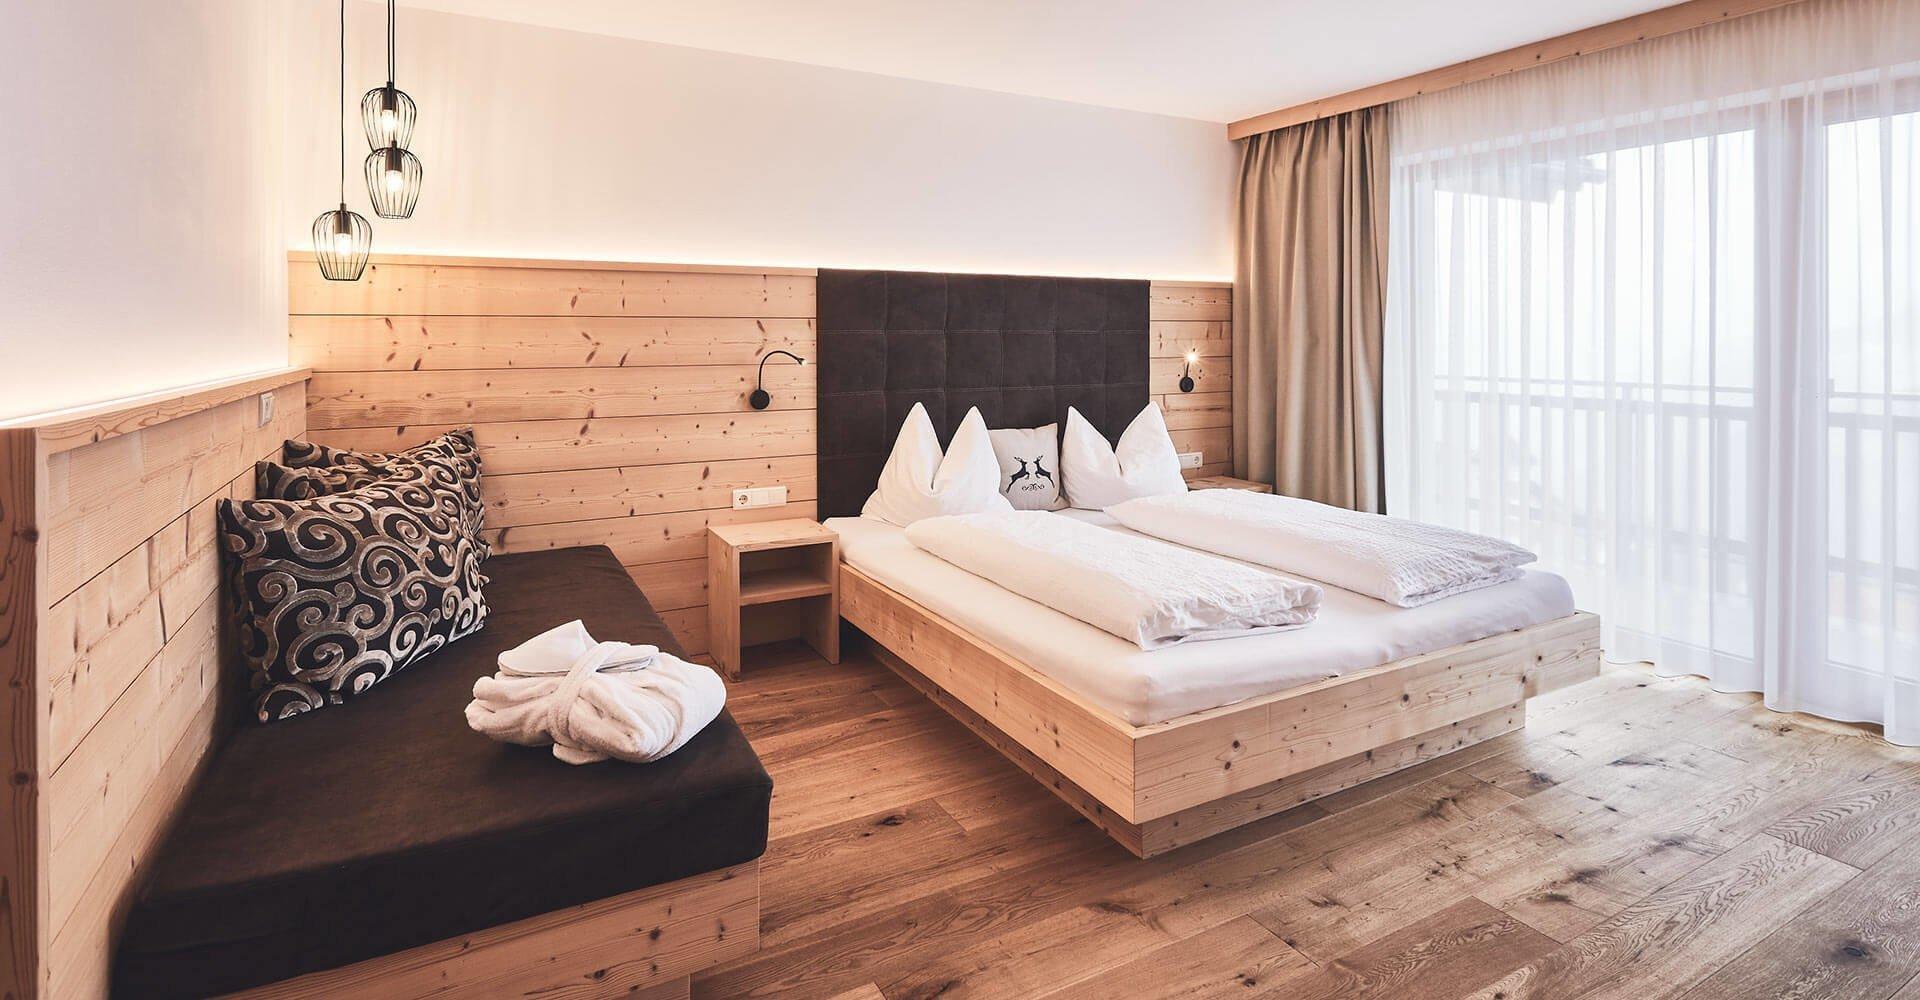 Hotel Kristall - Unterkunft & Zeransen im Eisacktal Südtirol